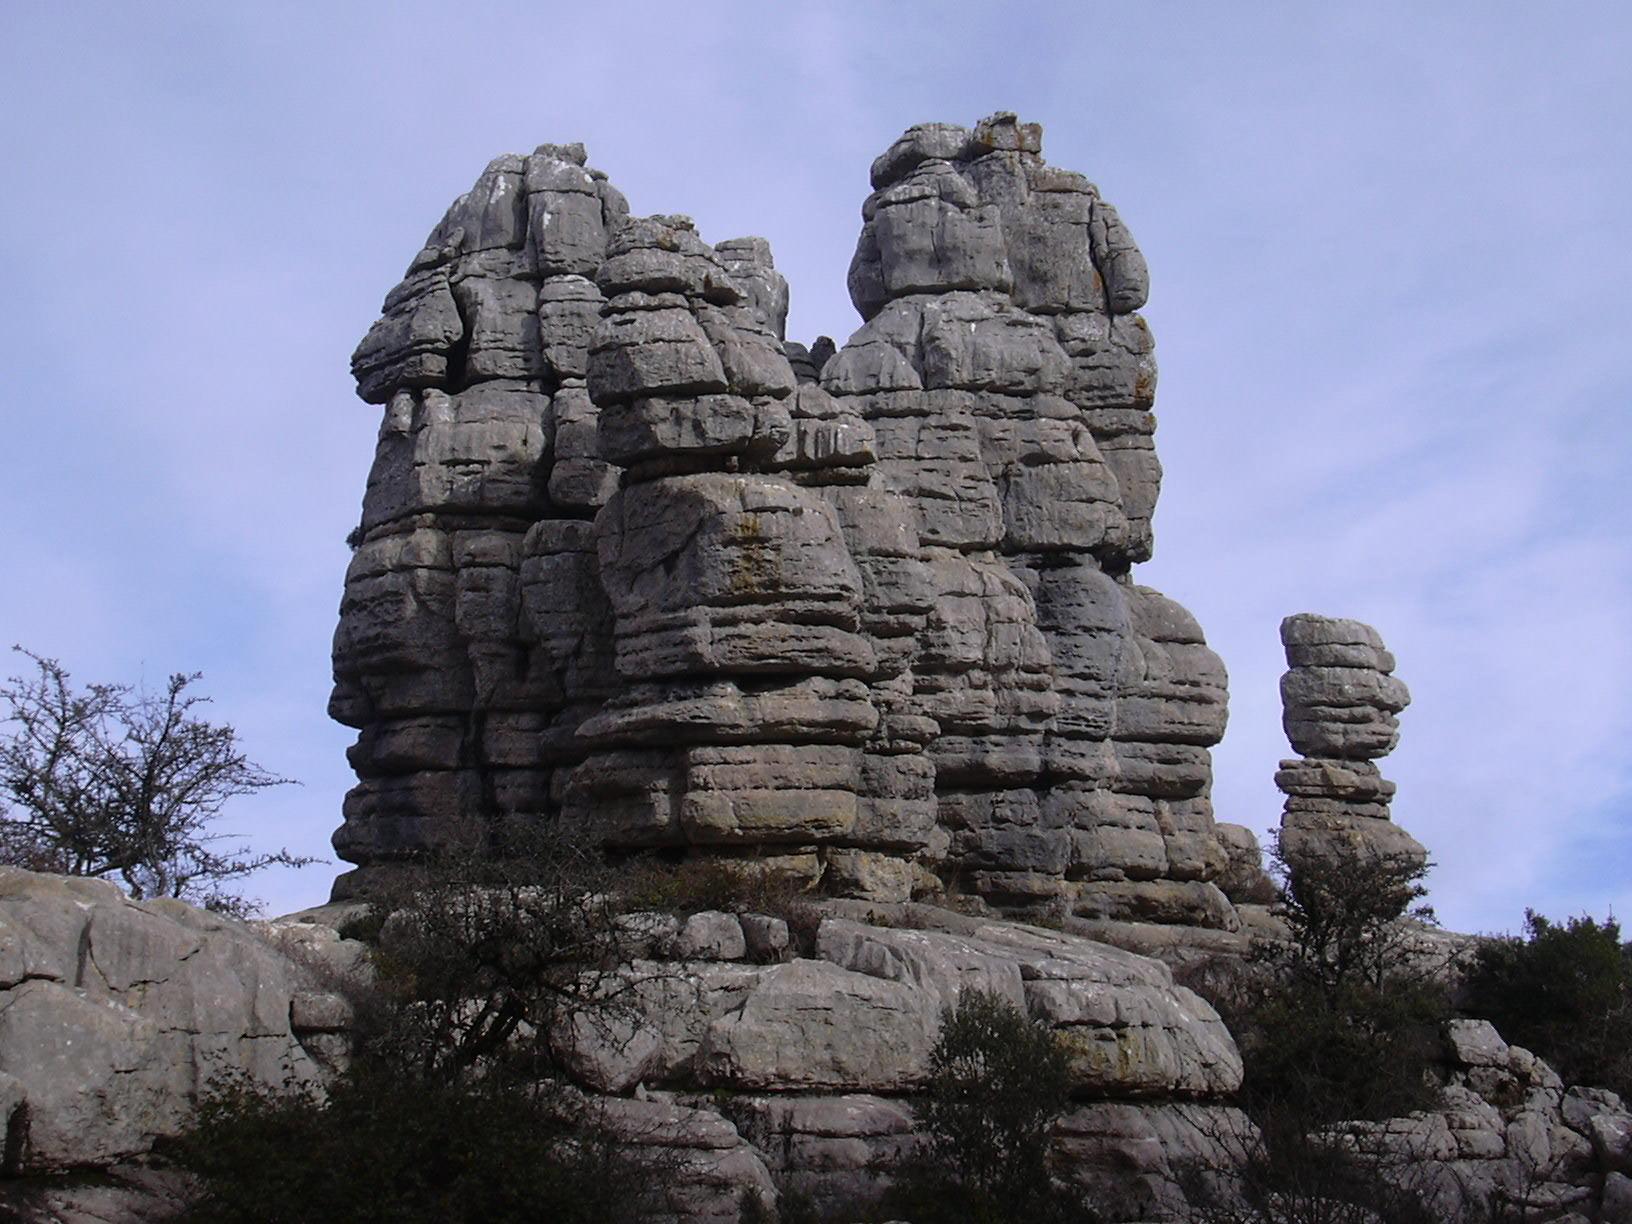 El Torcal rocks overview 14